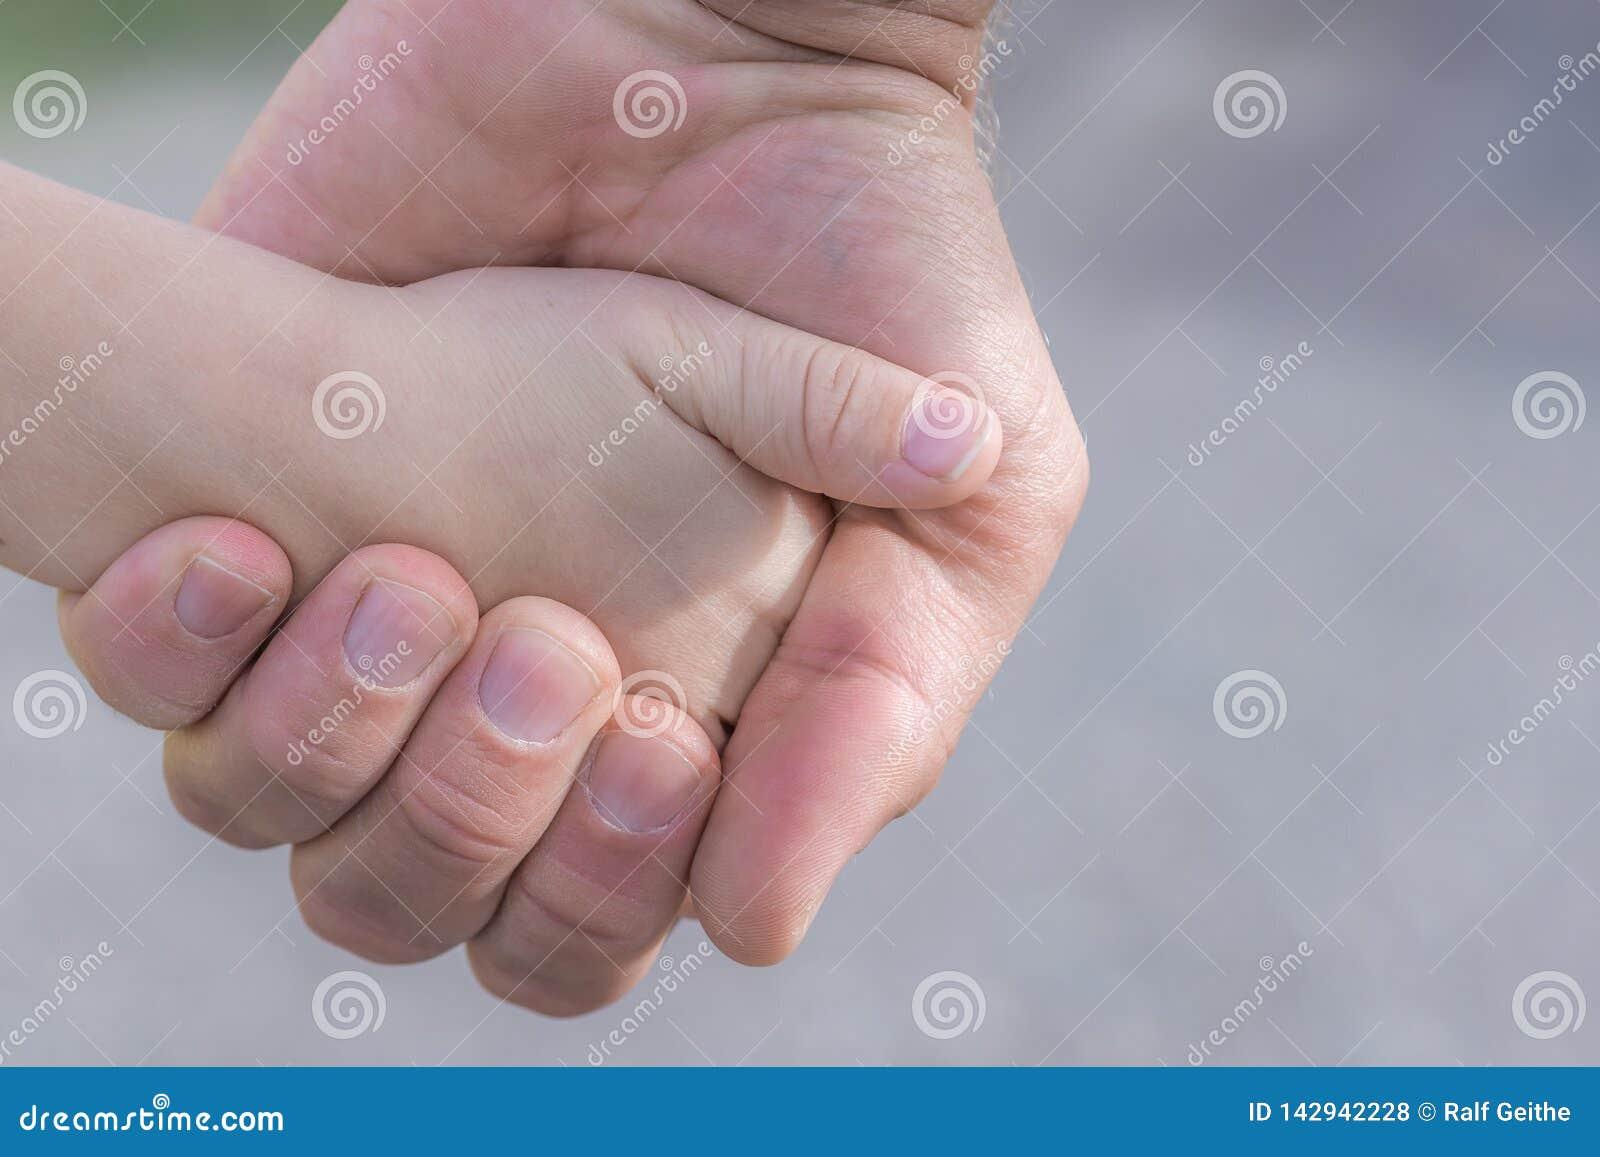 Ο πατέρας κρατά το χέρι του παιδιού του